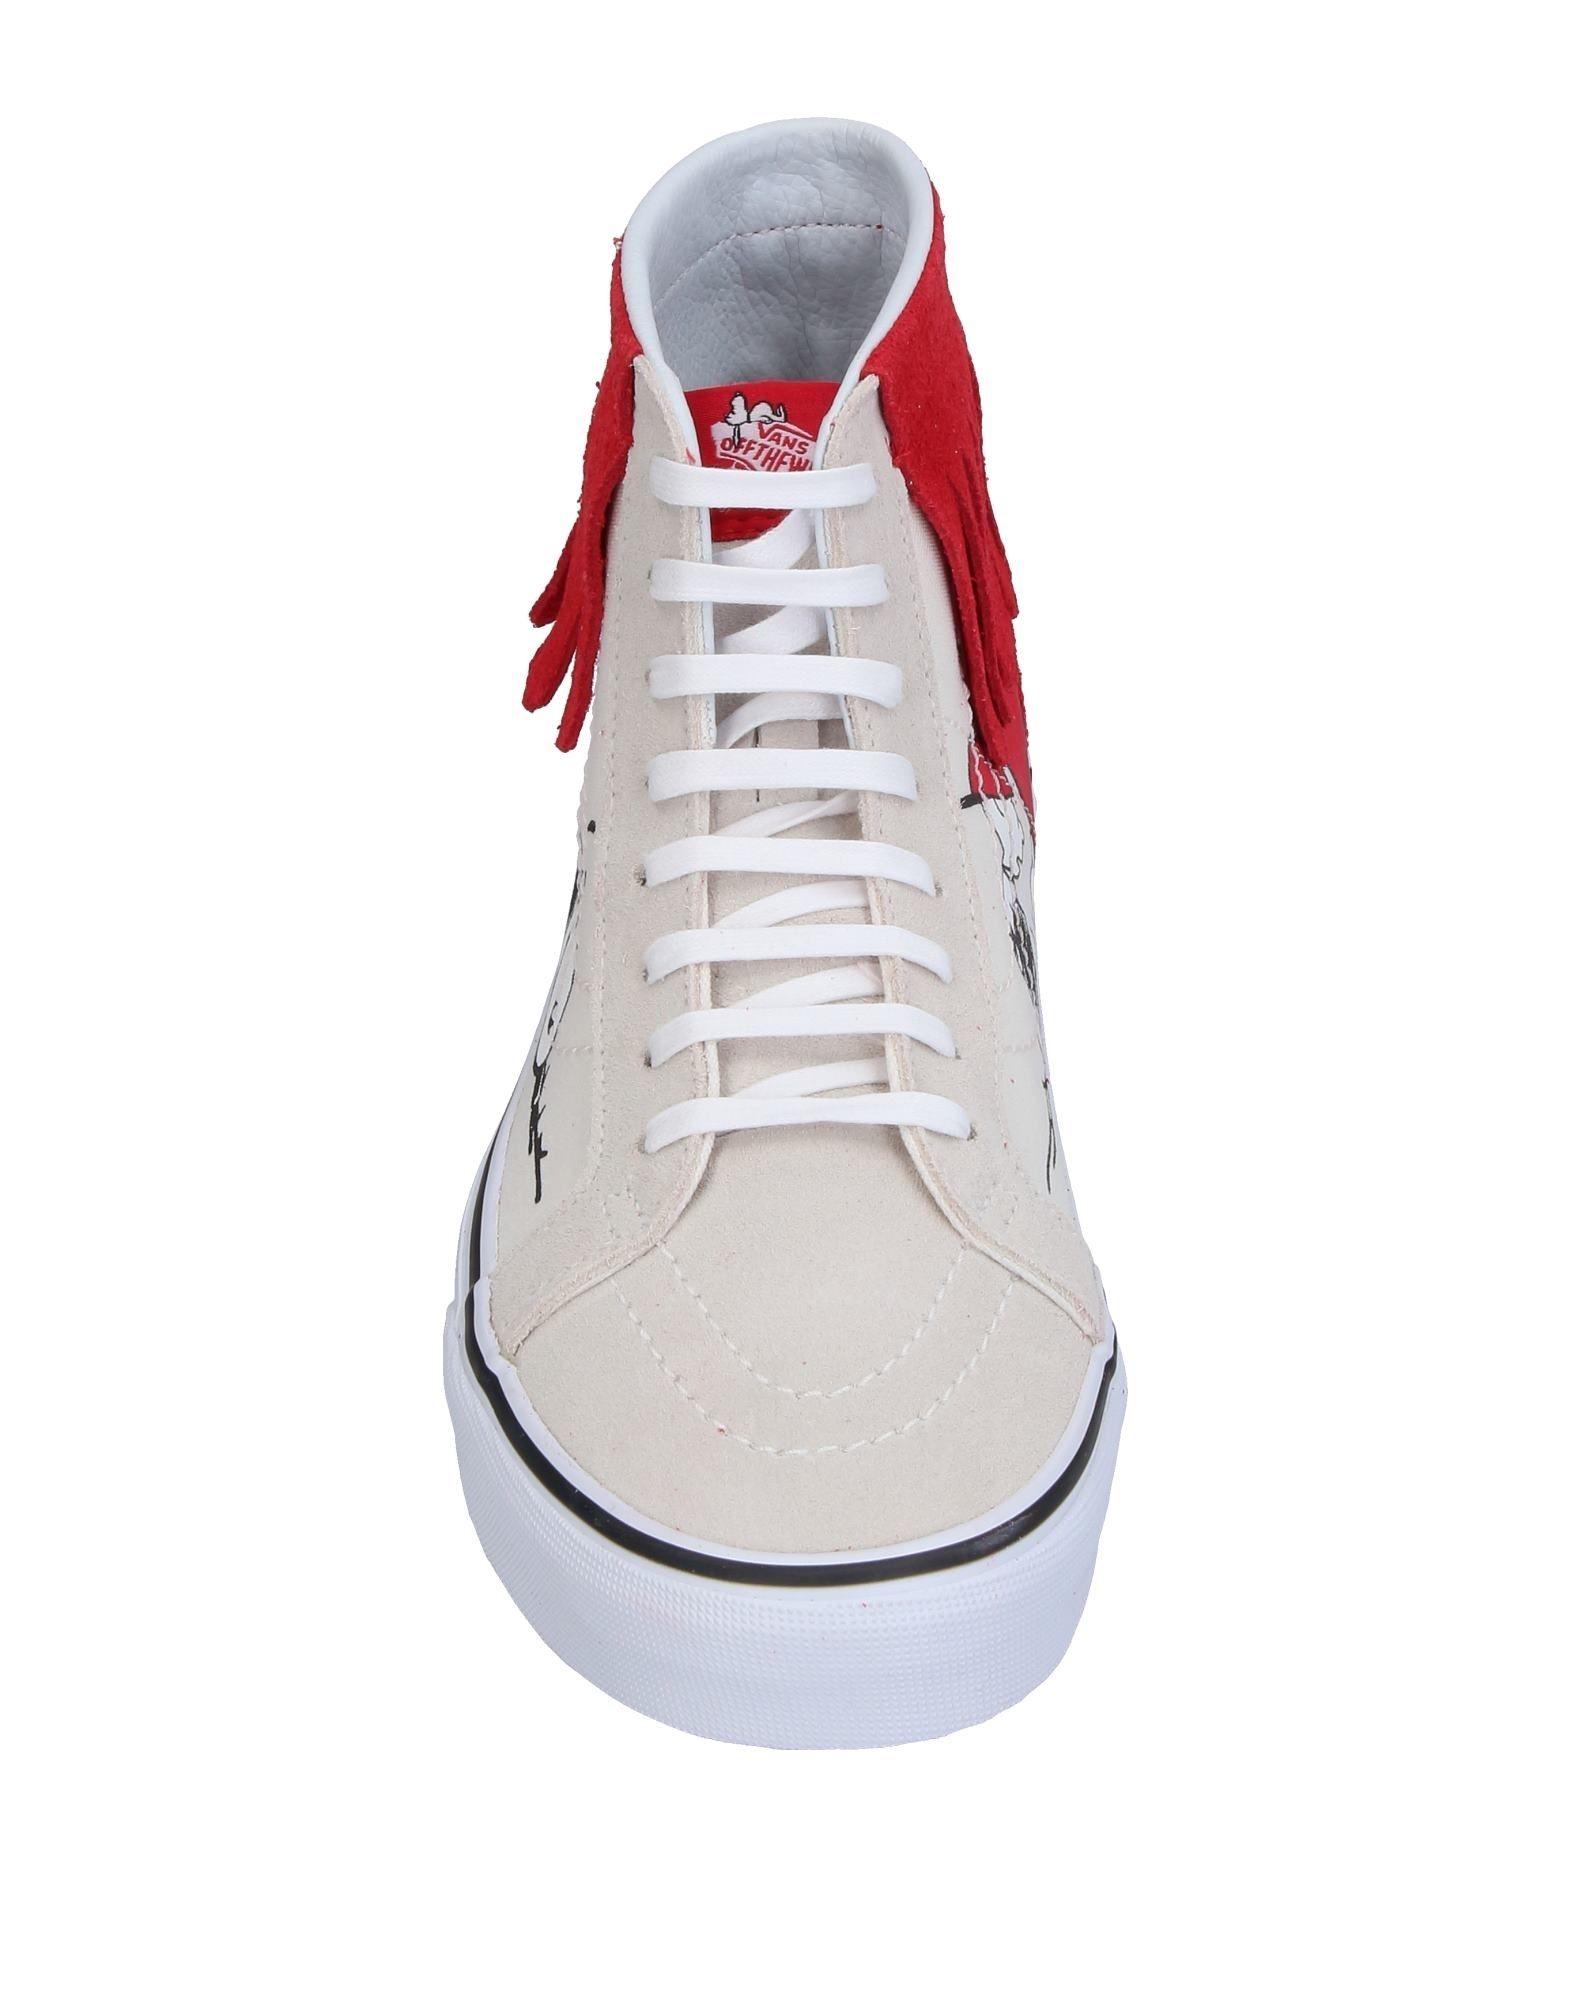 Vans Schuhe Sneakers Herren  11377480XX Heiße Schuhe Vans 9b8cb7